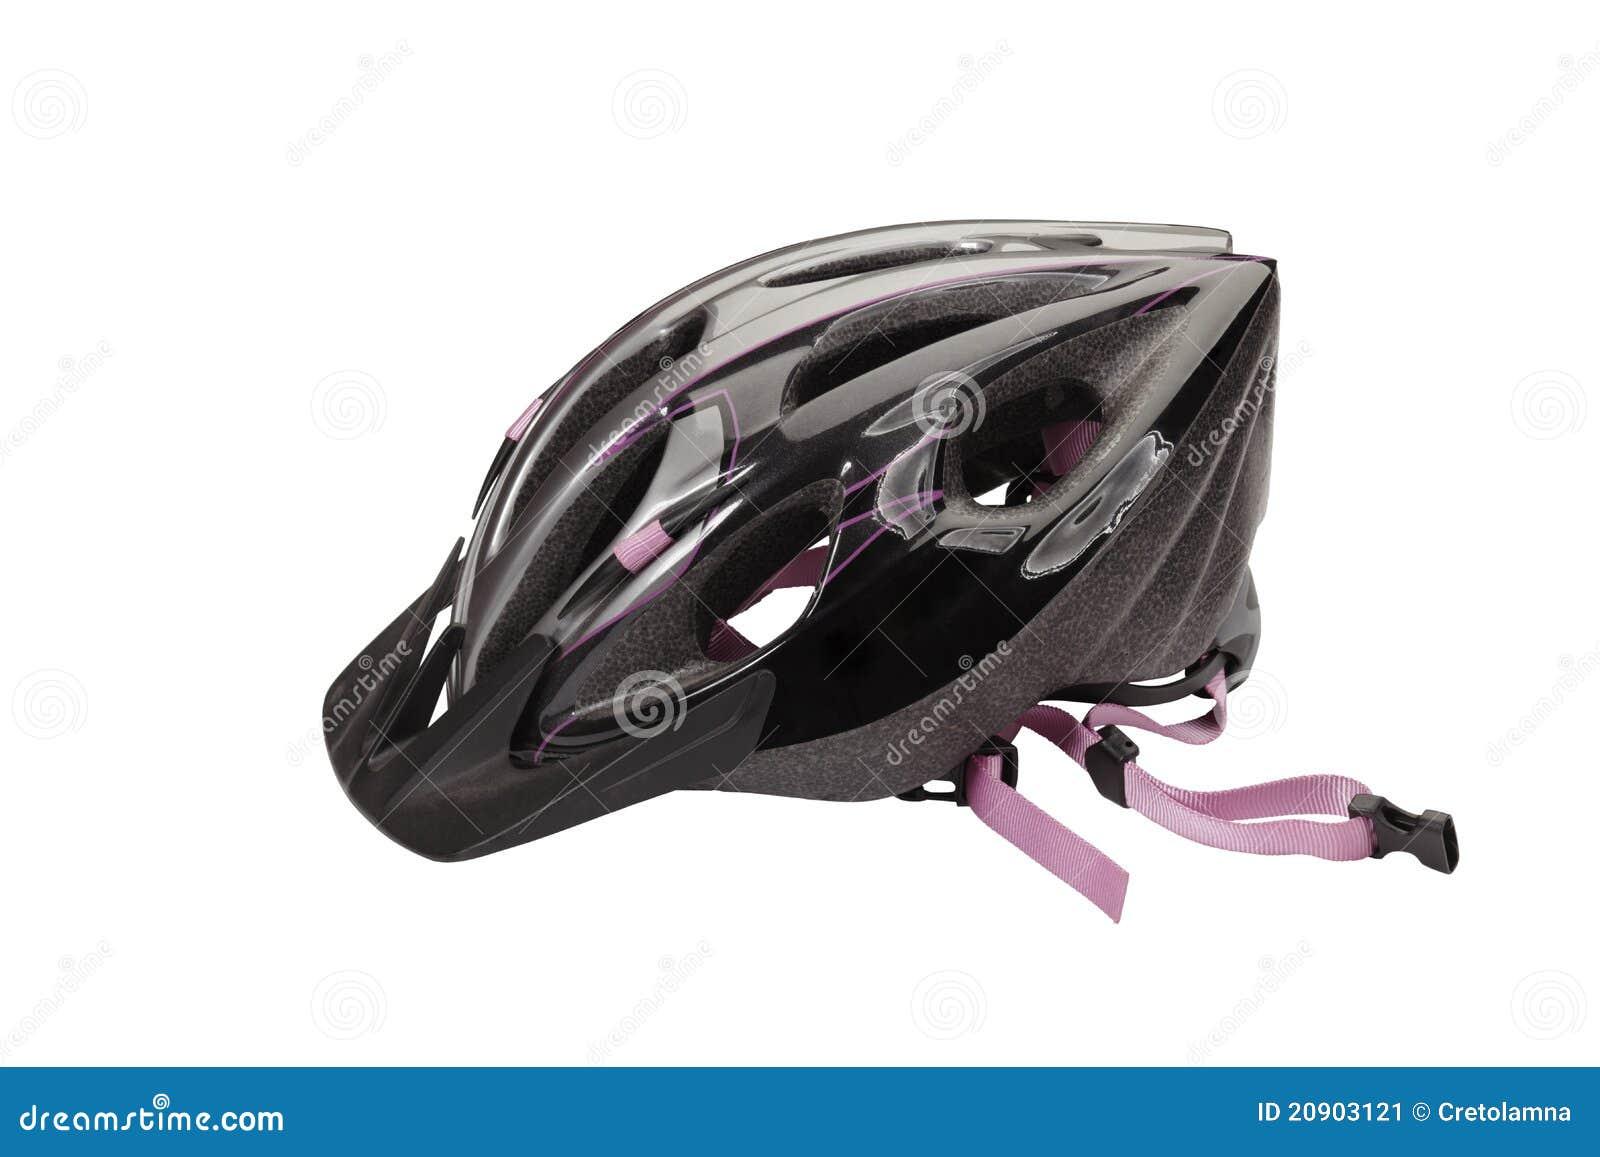 De helm van de cyclus.